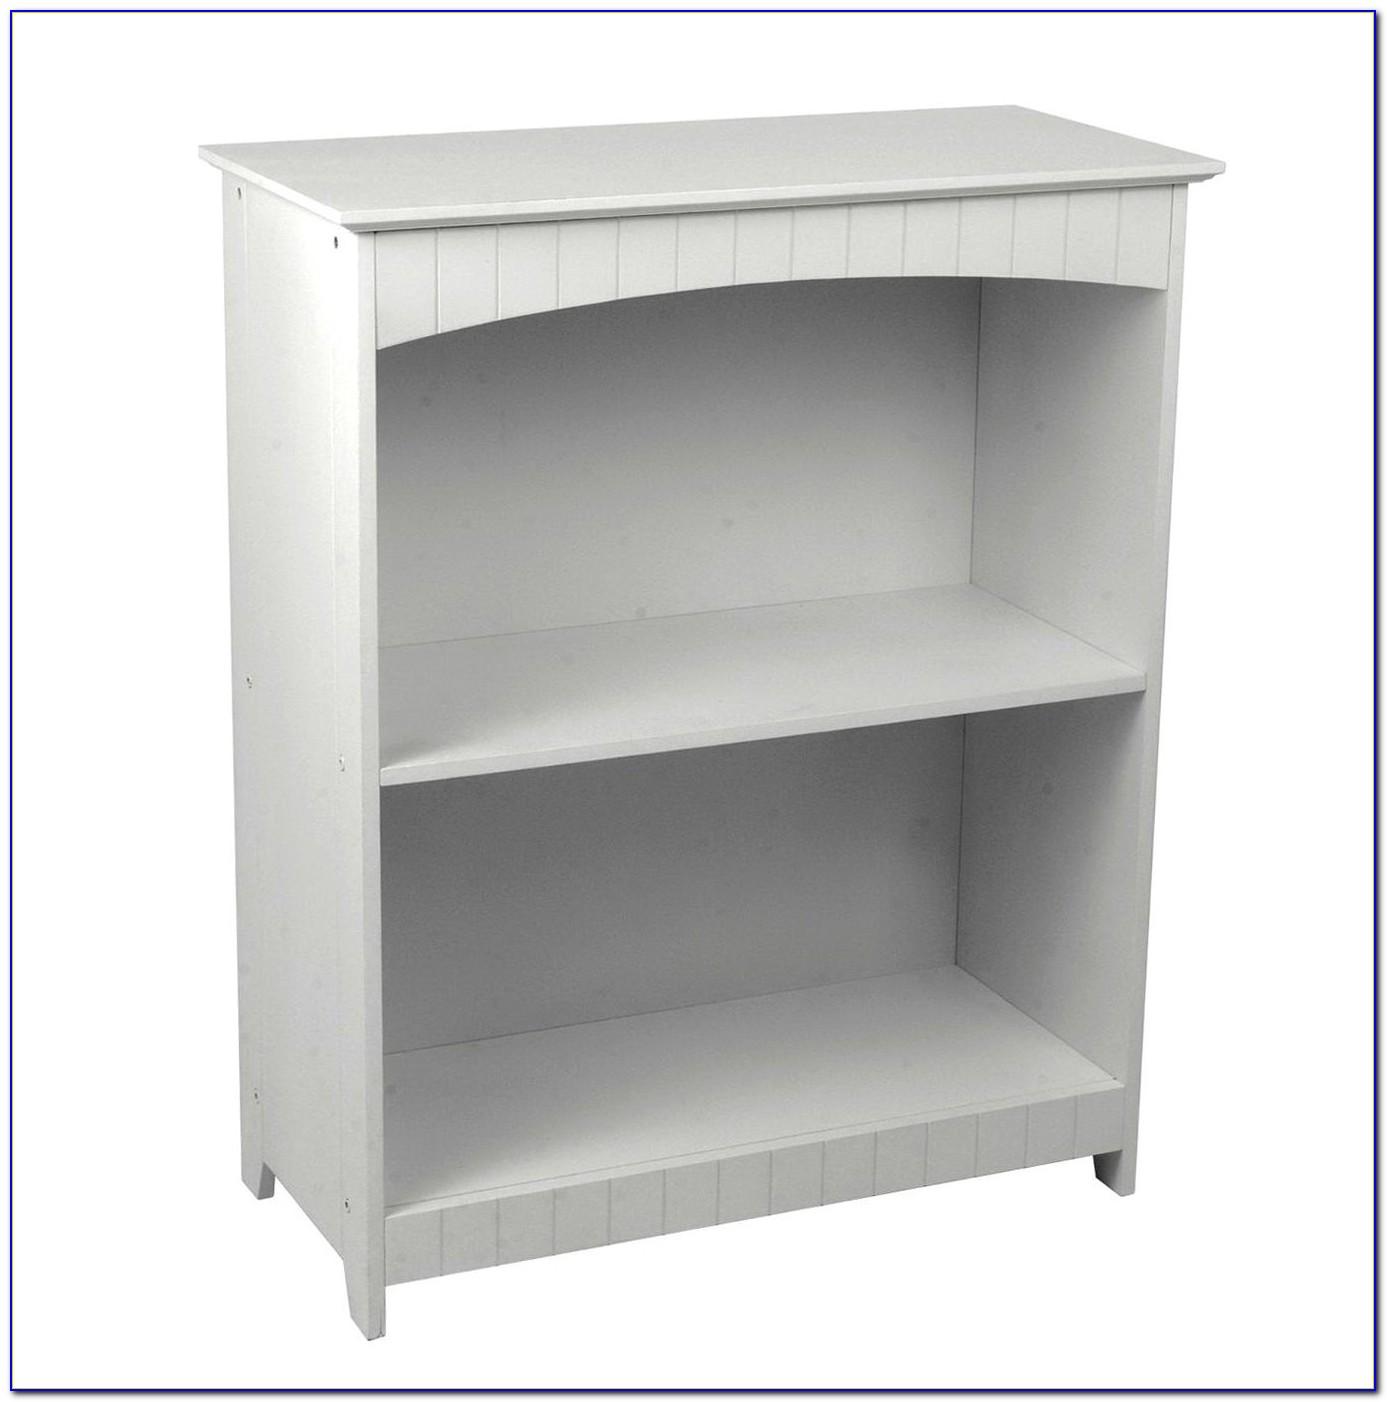 White 2 Shelf Bookshelf